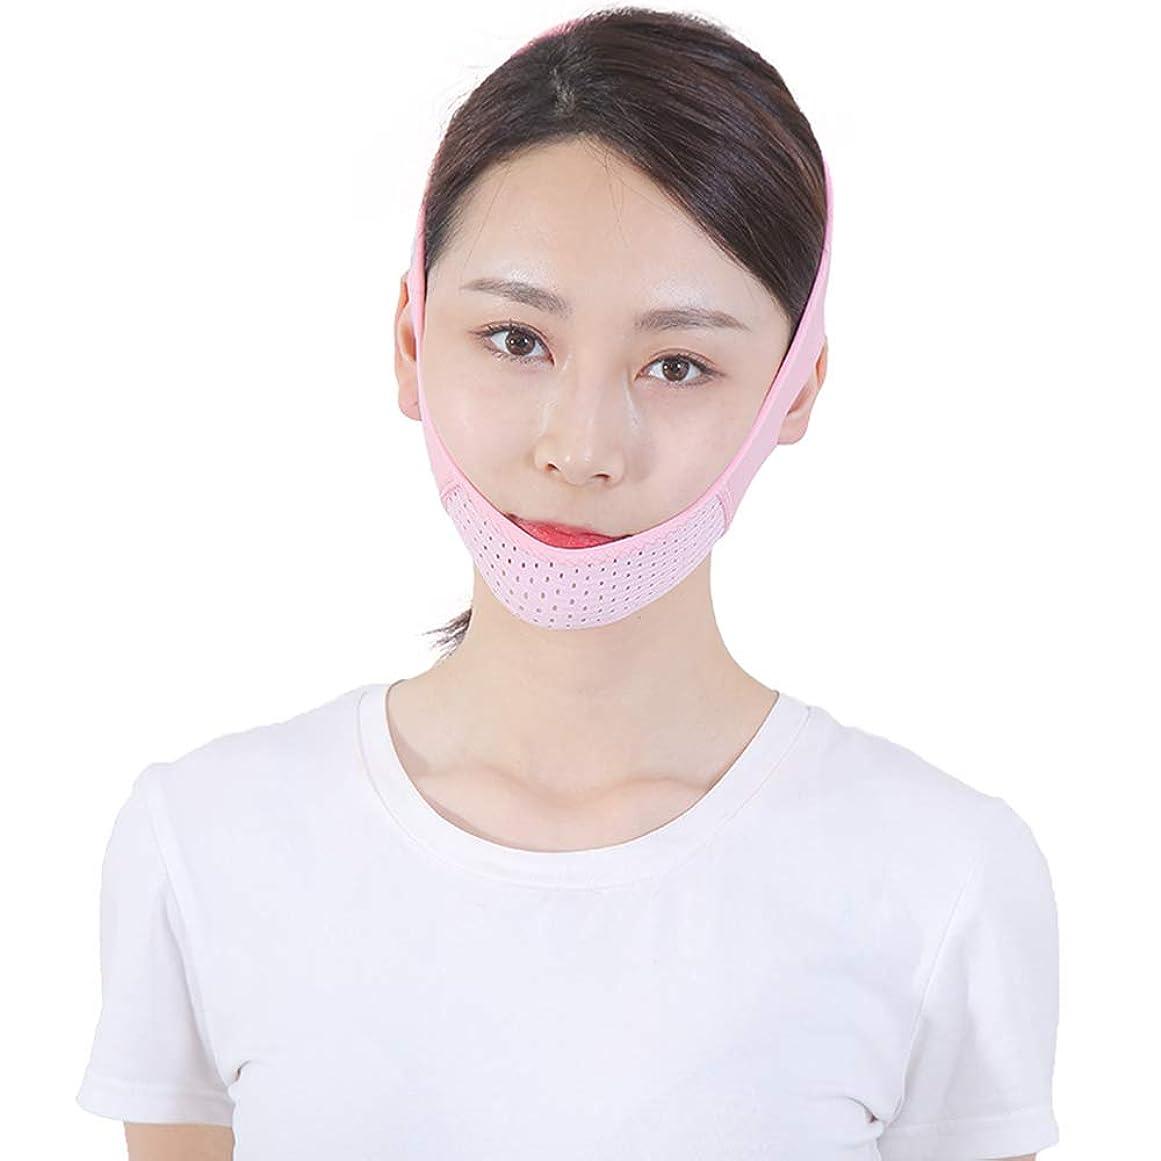 ペレット権限サーバMinmin フェイシャルリフティング痩身ベルトフェイススリムゲットダブルチンアンチエイジングリンクルフェイスバンデージマスクシェイピングマスク顔を引き締めるダブルチンワークアウト みんみんVラインフェイスマスク